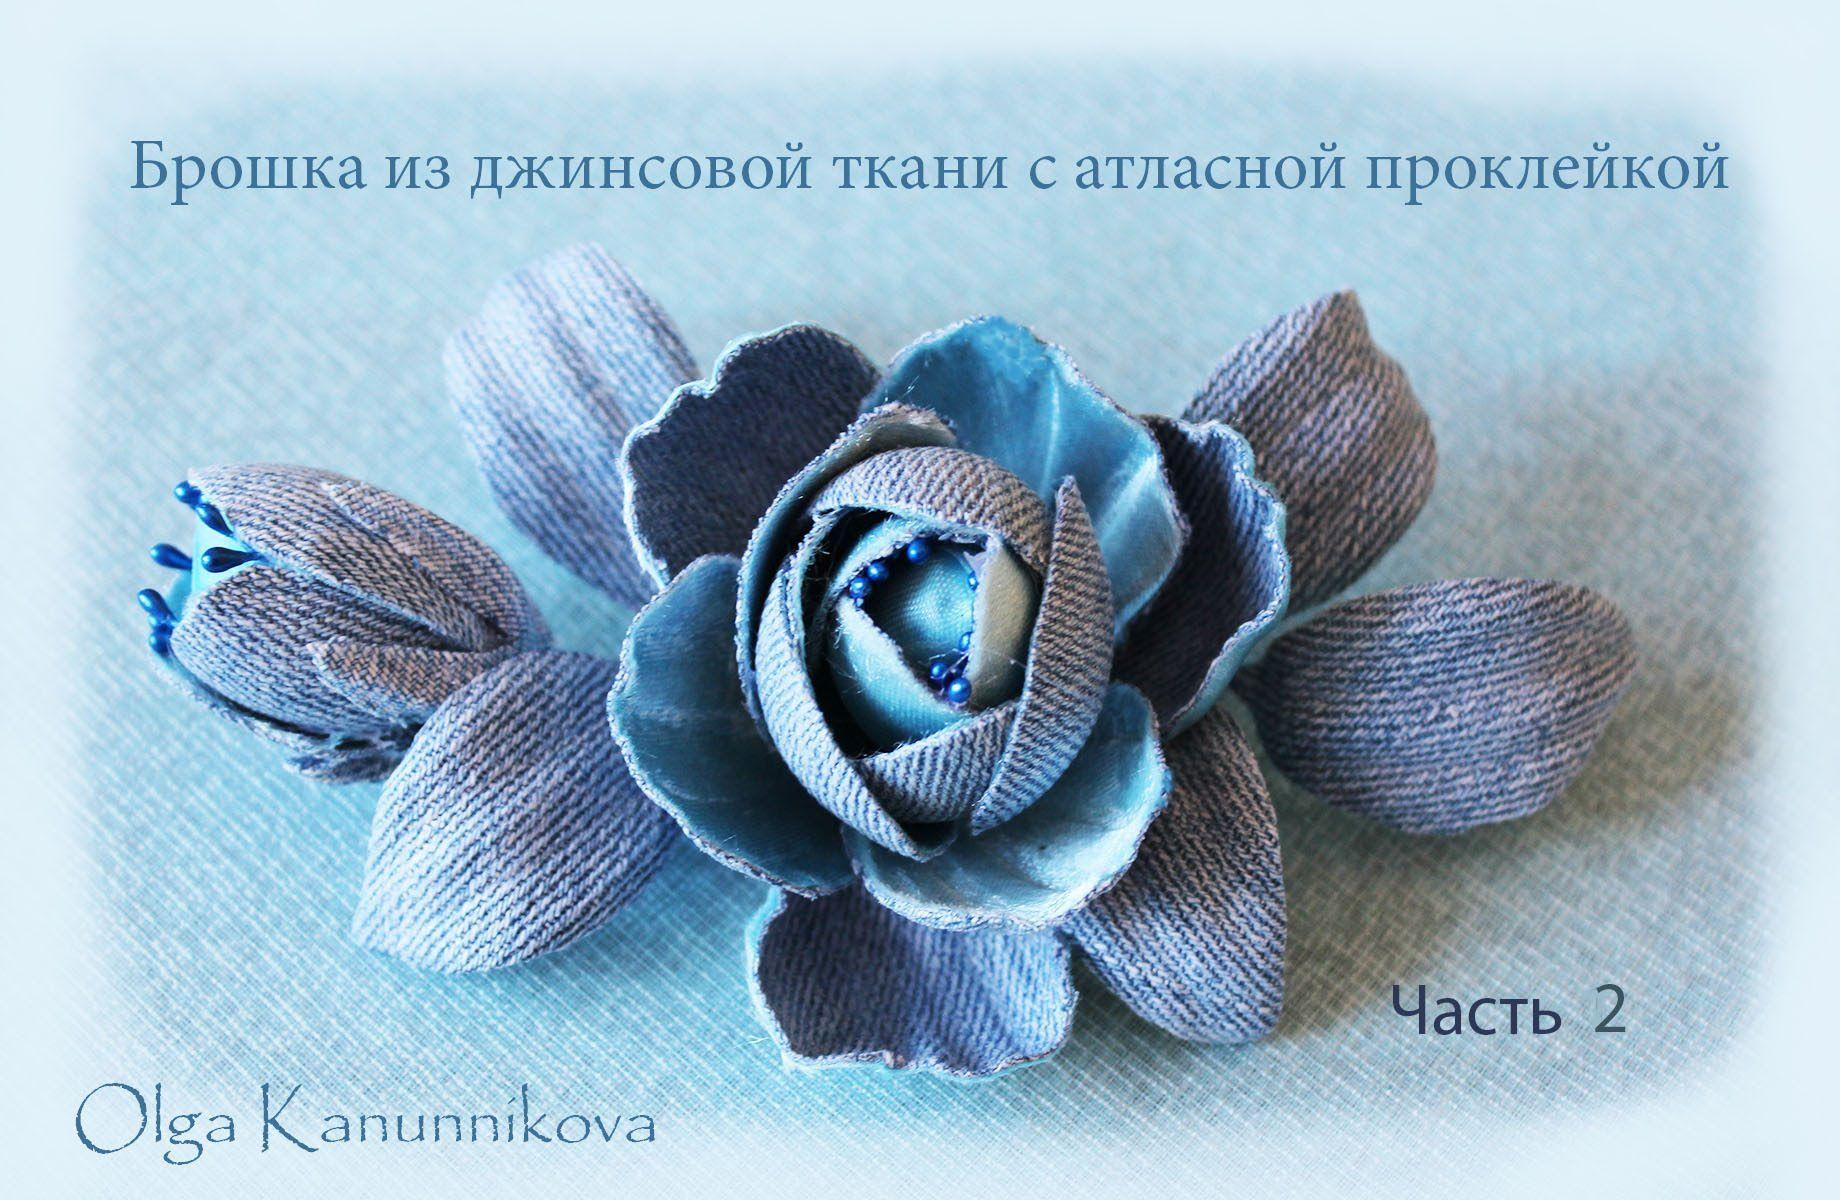 Цветы из джинсовой ткани своими руками: пошаговый мастер класс с фотографиями и видео. роза из джинсовой ткани (мастер-класс) розы из старых джинсов своими руками